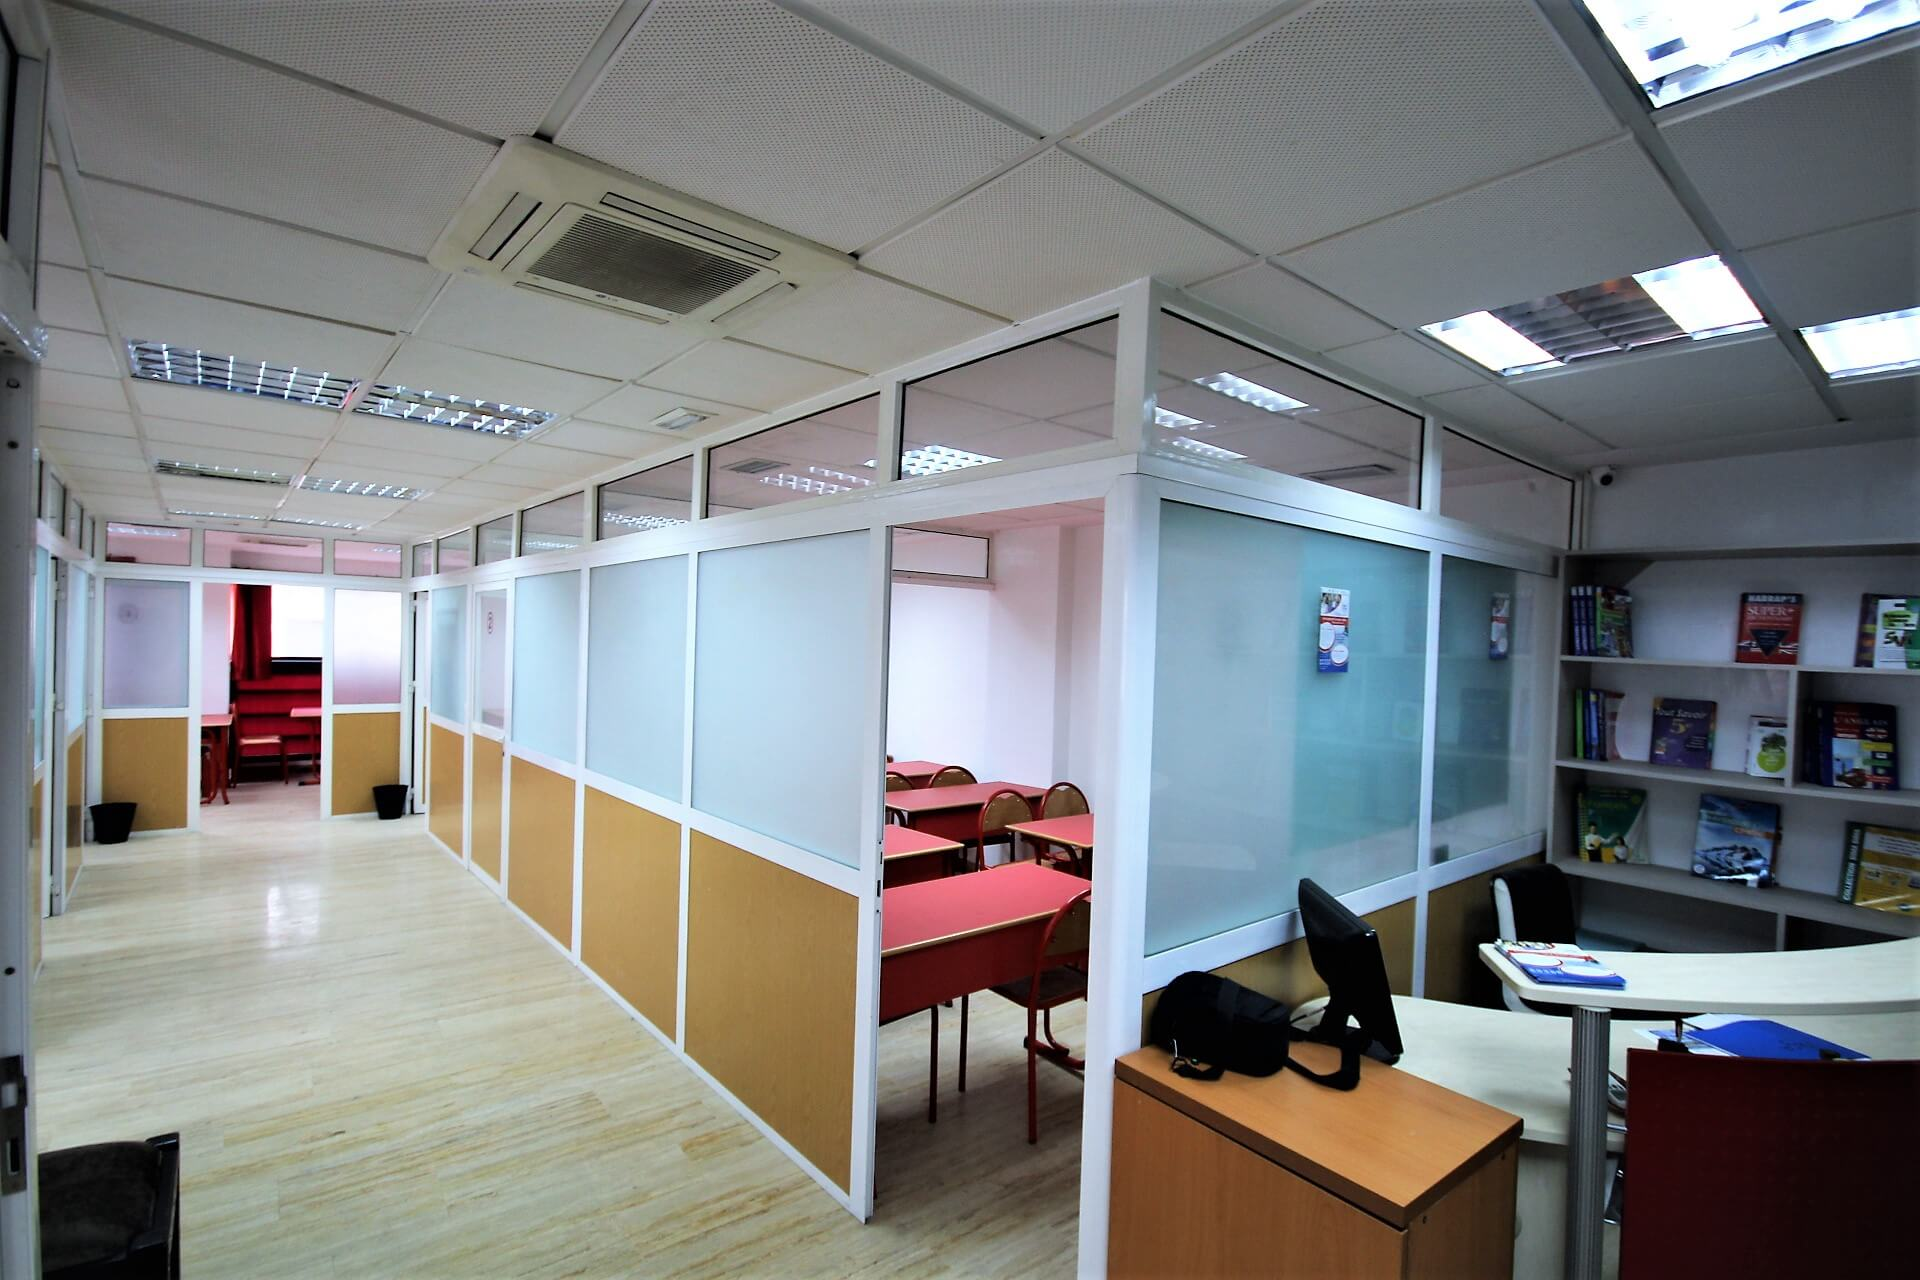 Plateau de Bureau dans immeuble professionnel, Maarif extension